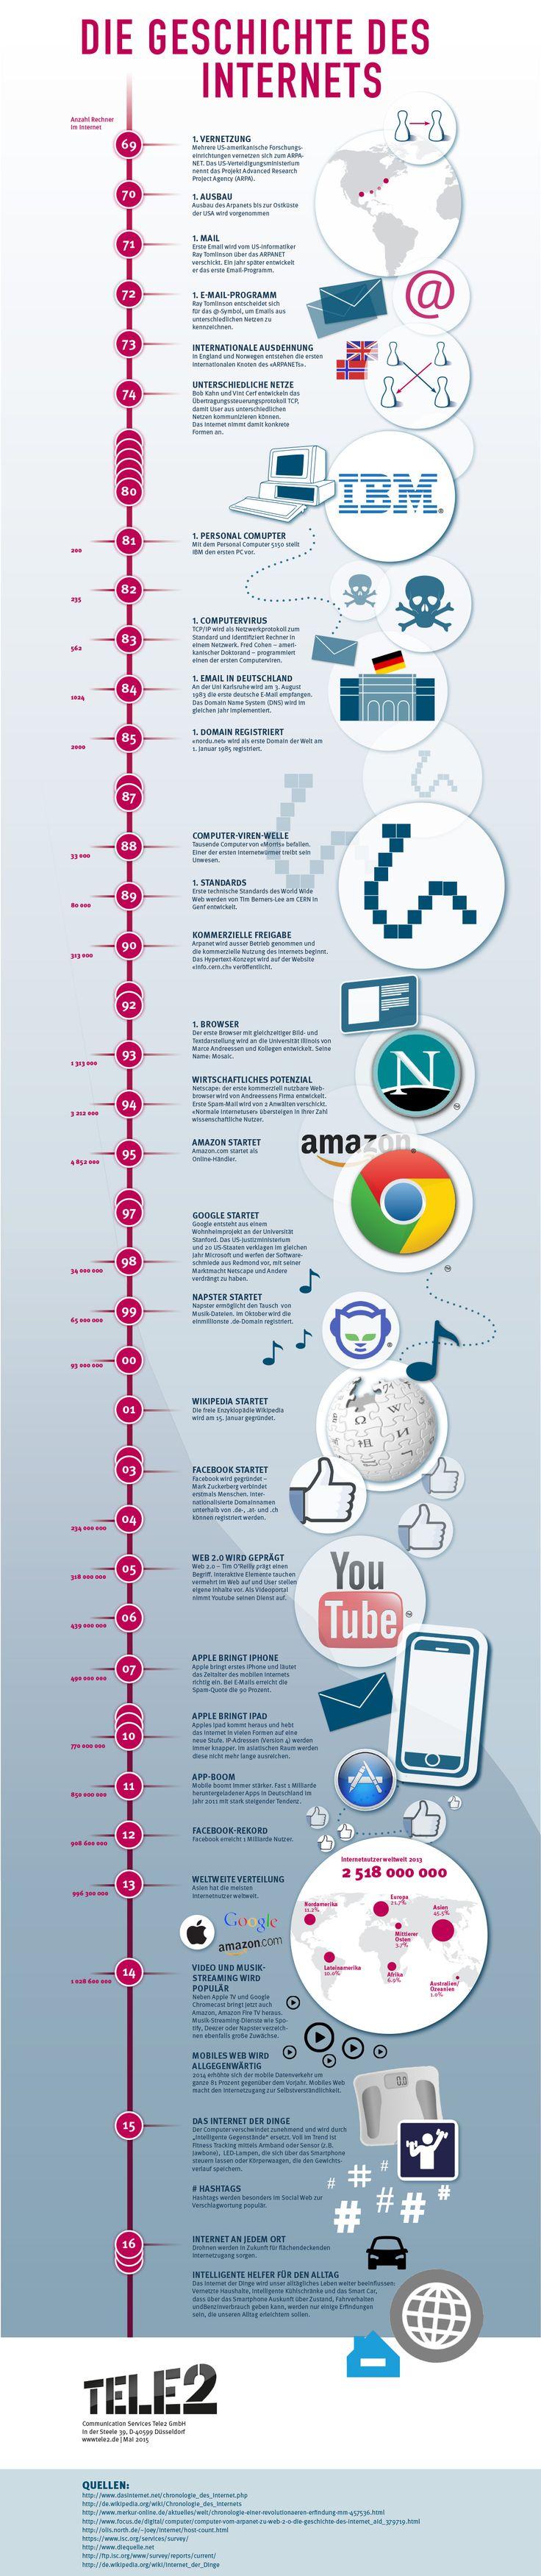 Die Geschichte des Internets reicht länger zurück als Viele denken. Tele2 zeigt die Entwicklung des Internets grafisch auf einer Zeitachse.